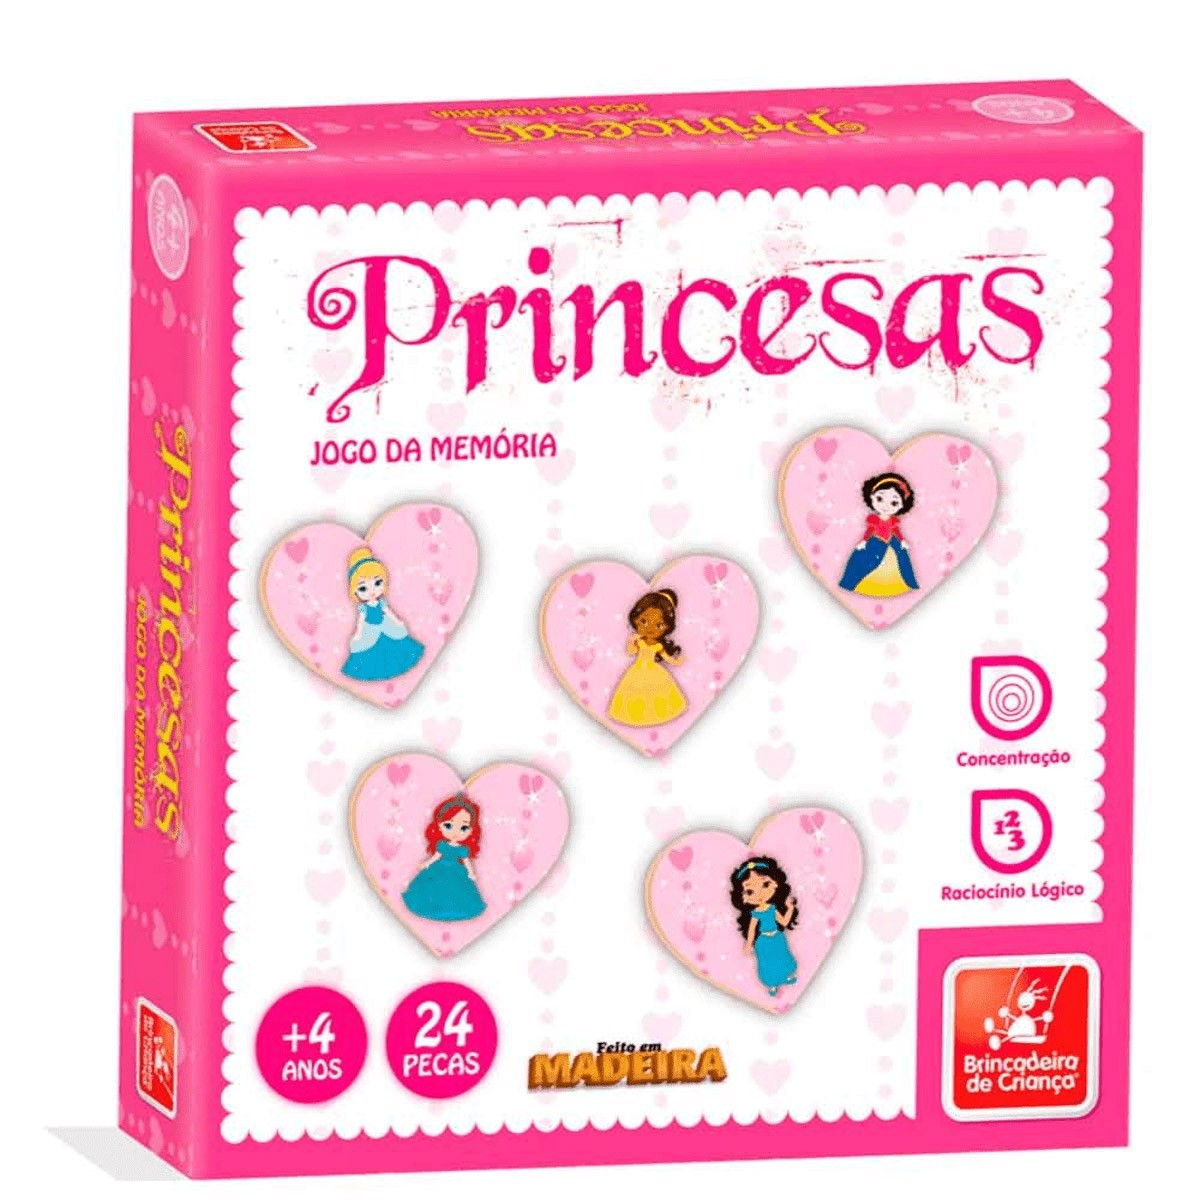 Jogo da Memória - Princesas - Brincadeira de Criança